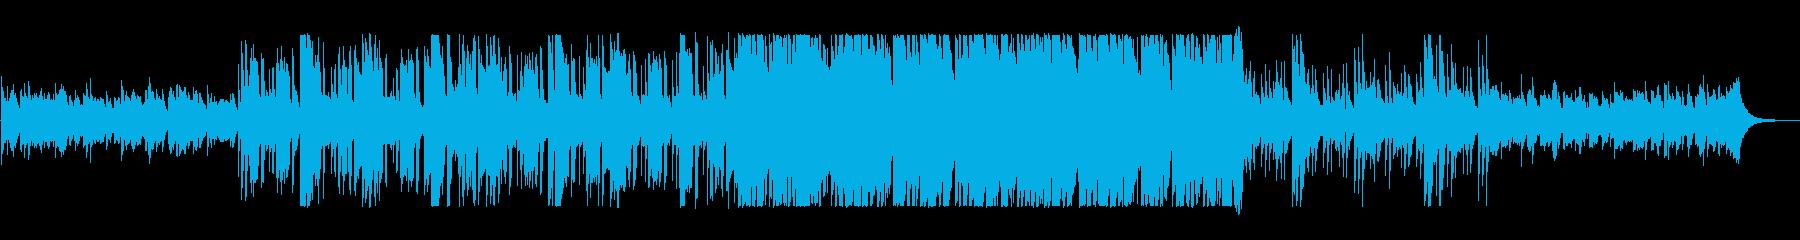 近代的なサウンドのニューミュージックの再生済みの波形